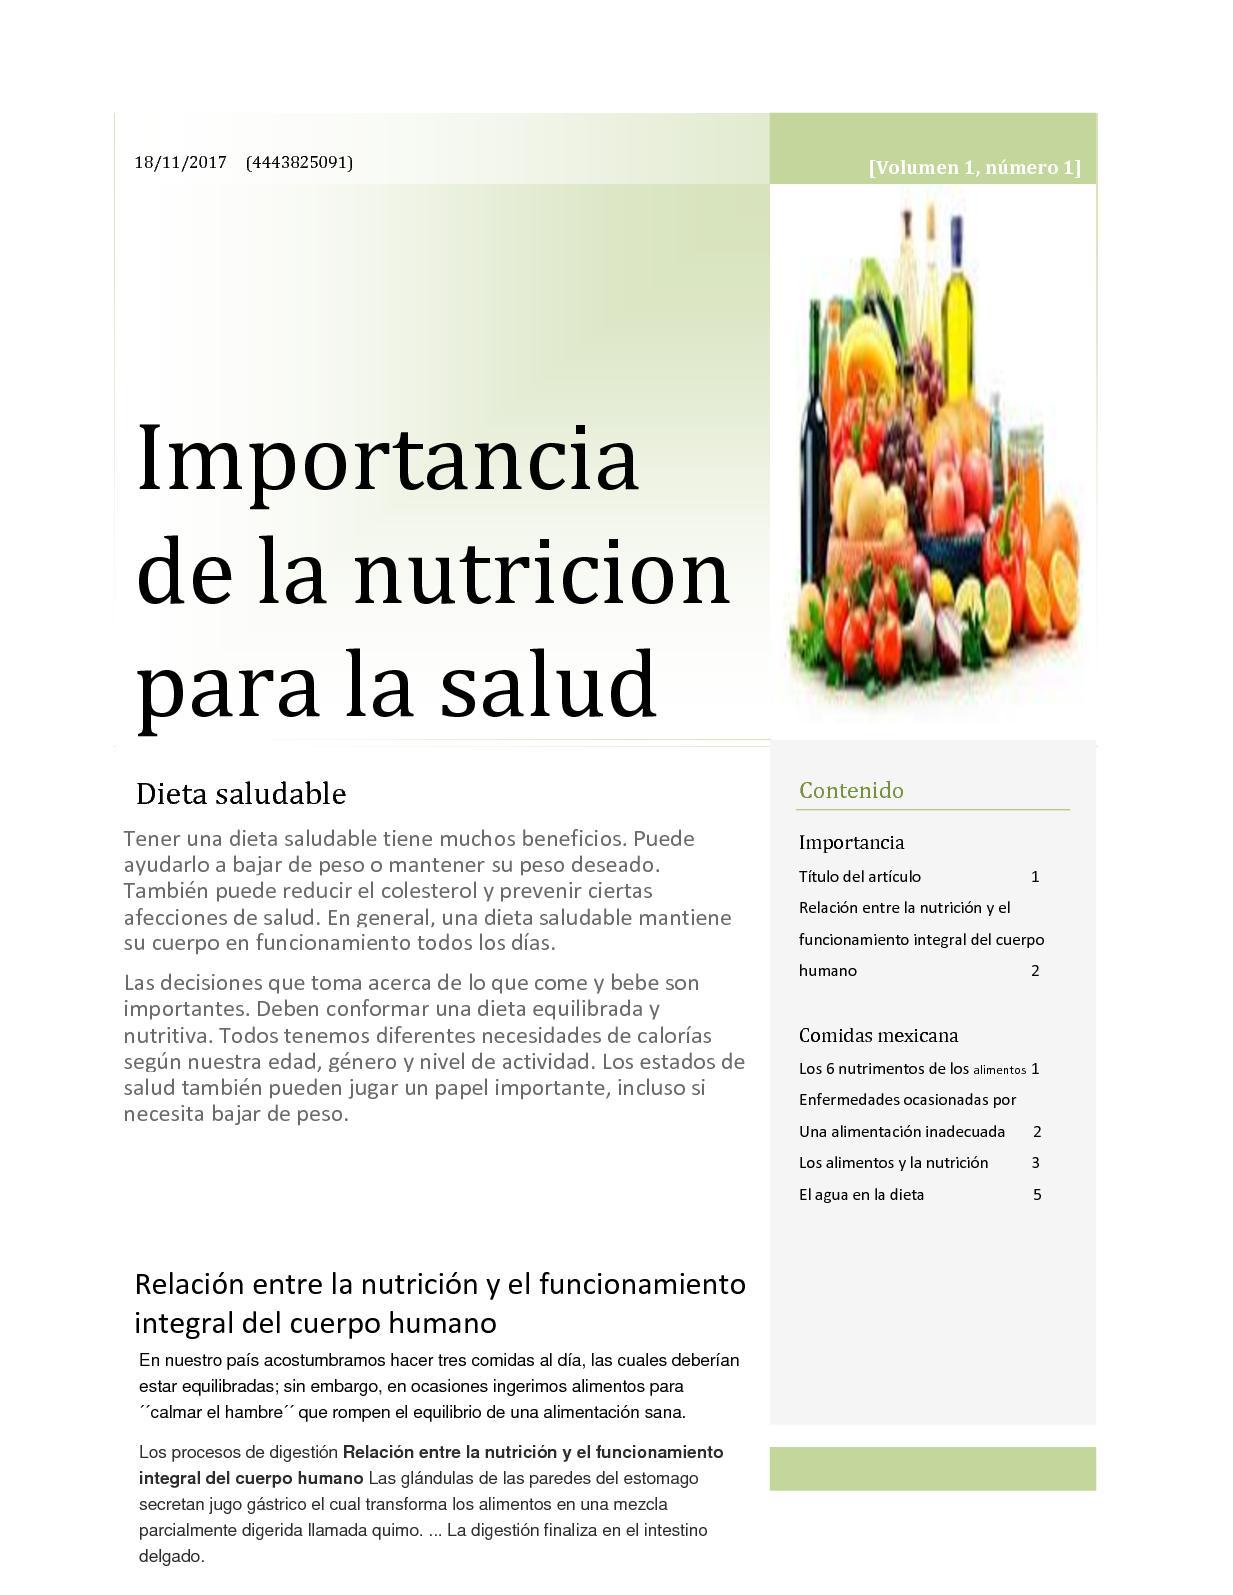 salud nutricion relacion